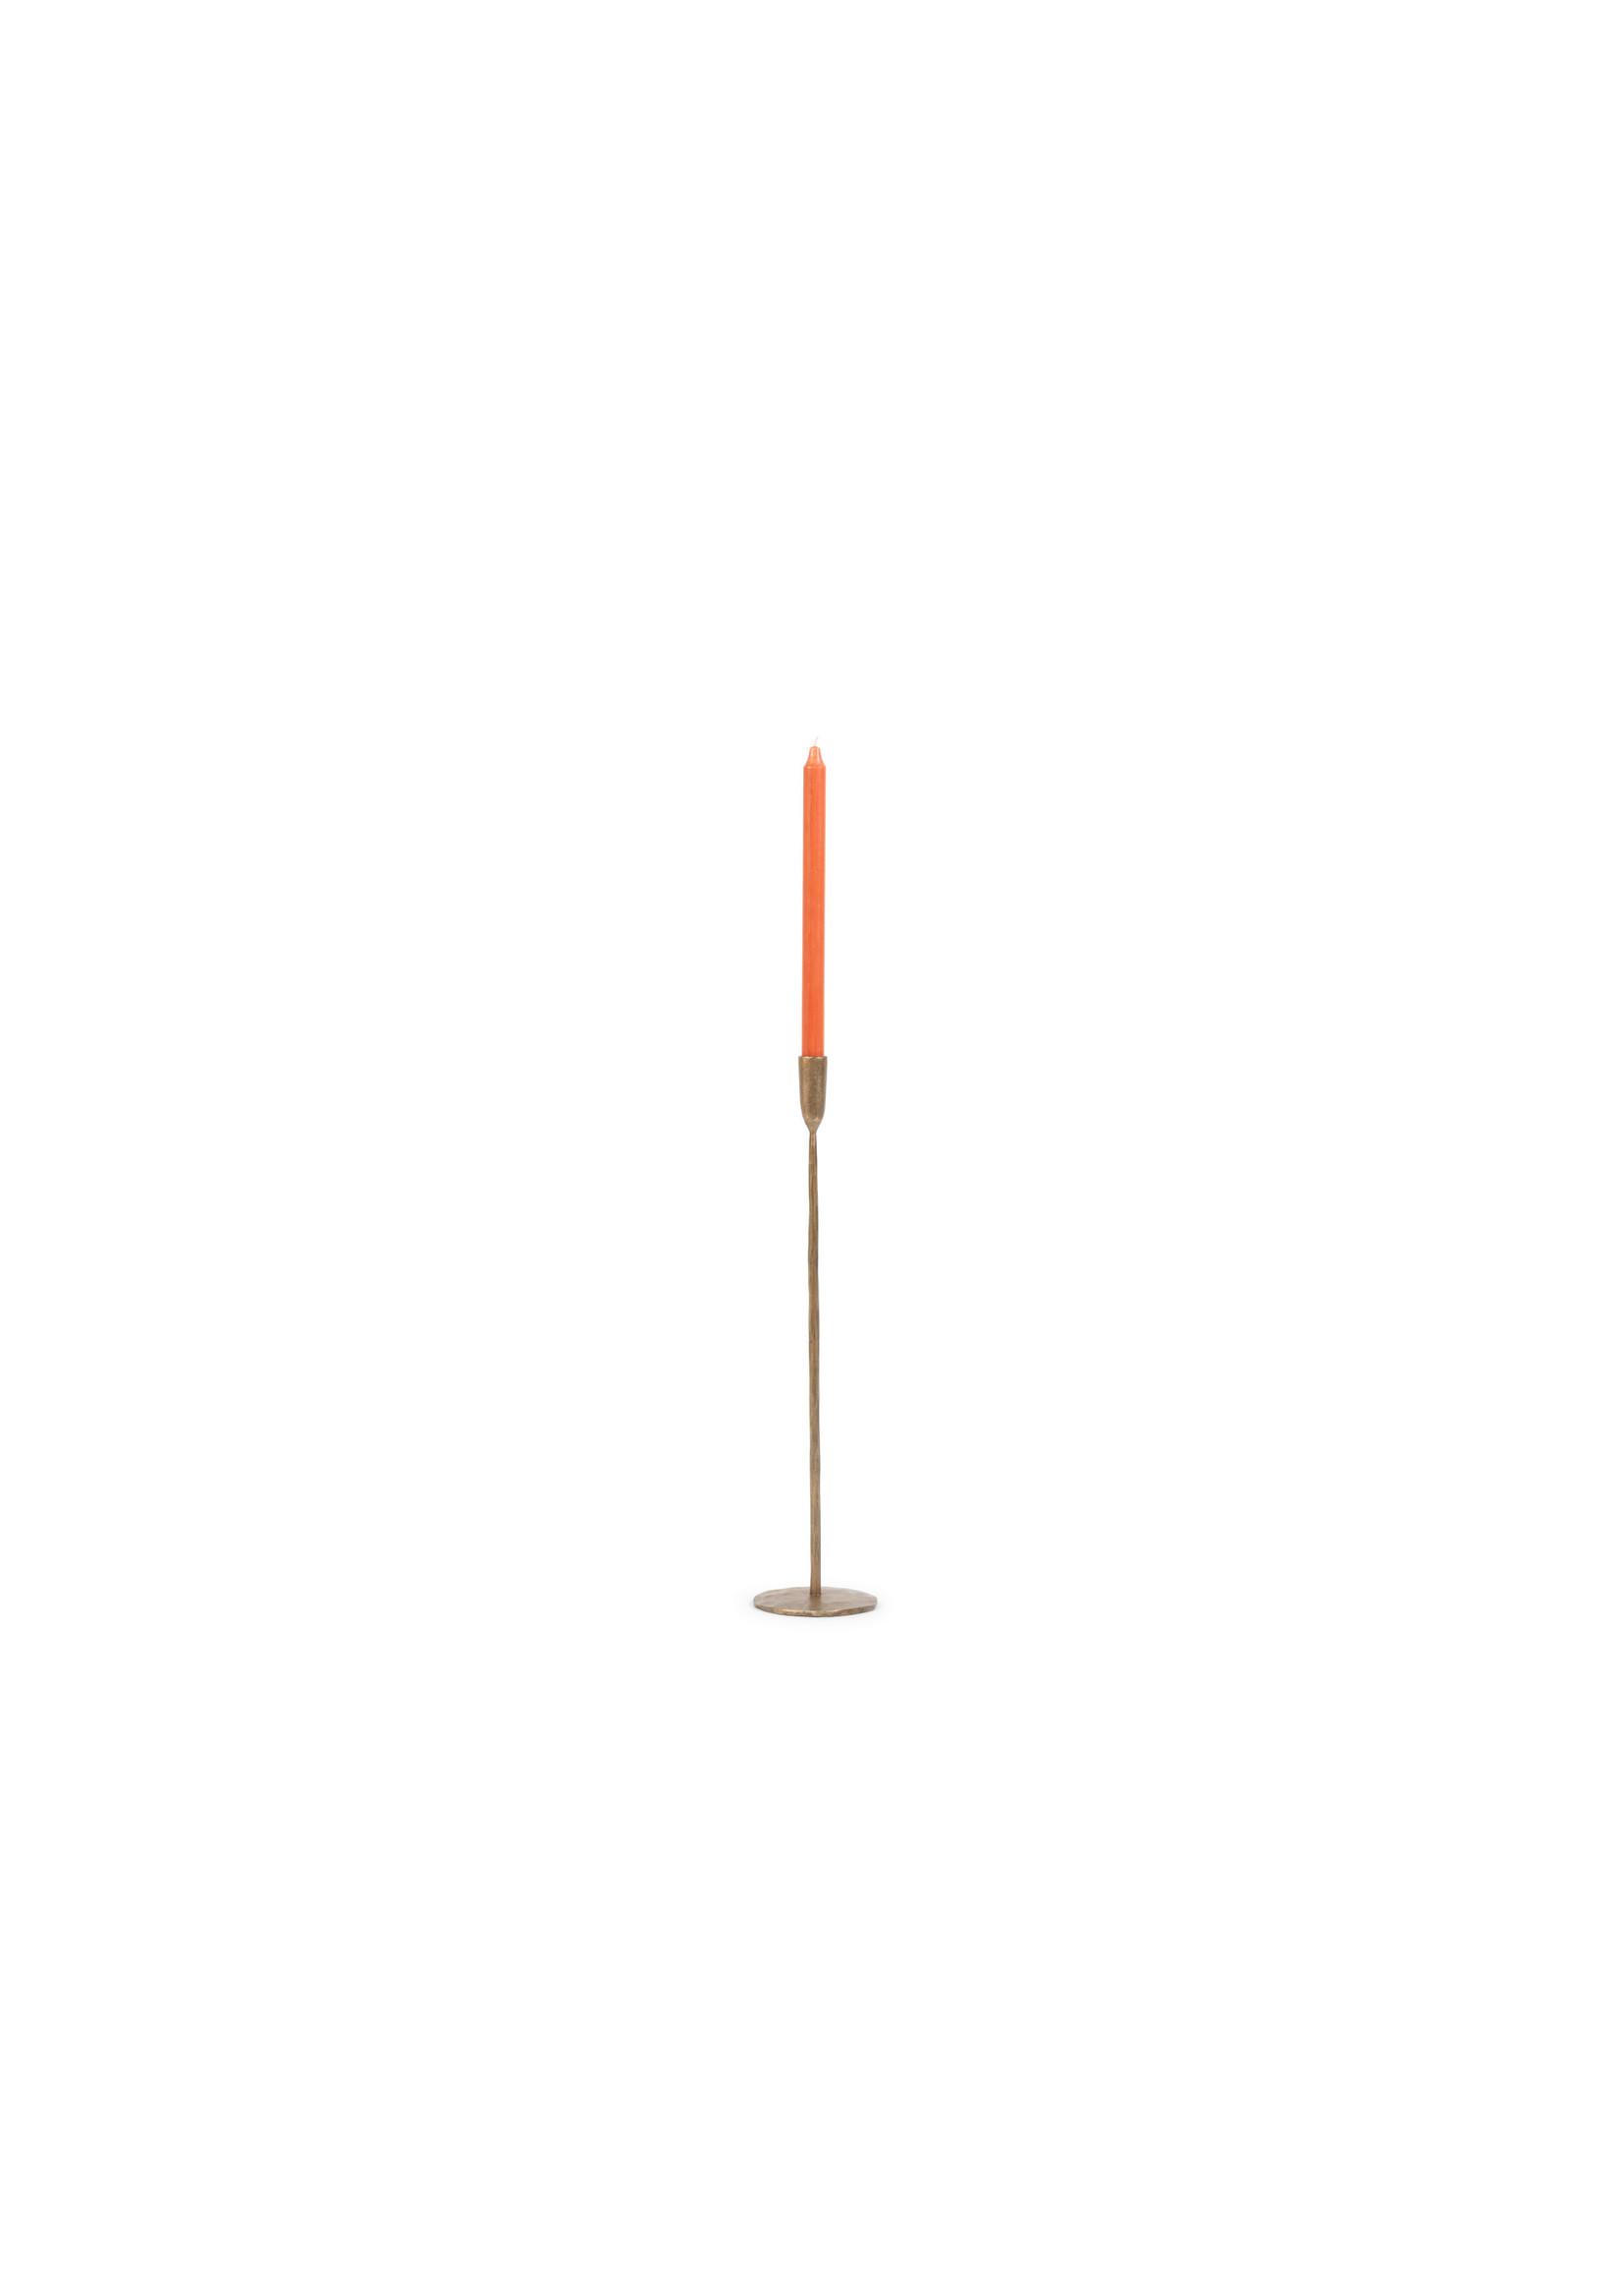 Dekocandle Handforged Table Candleholder